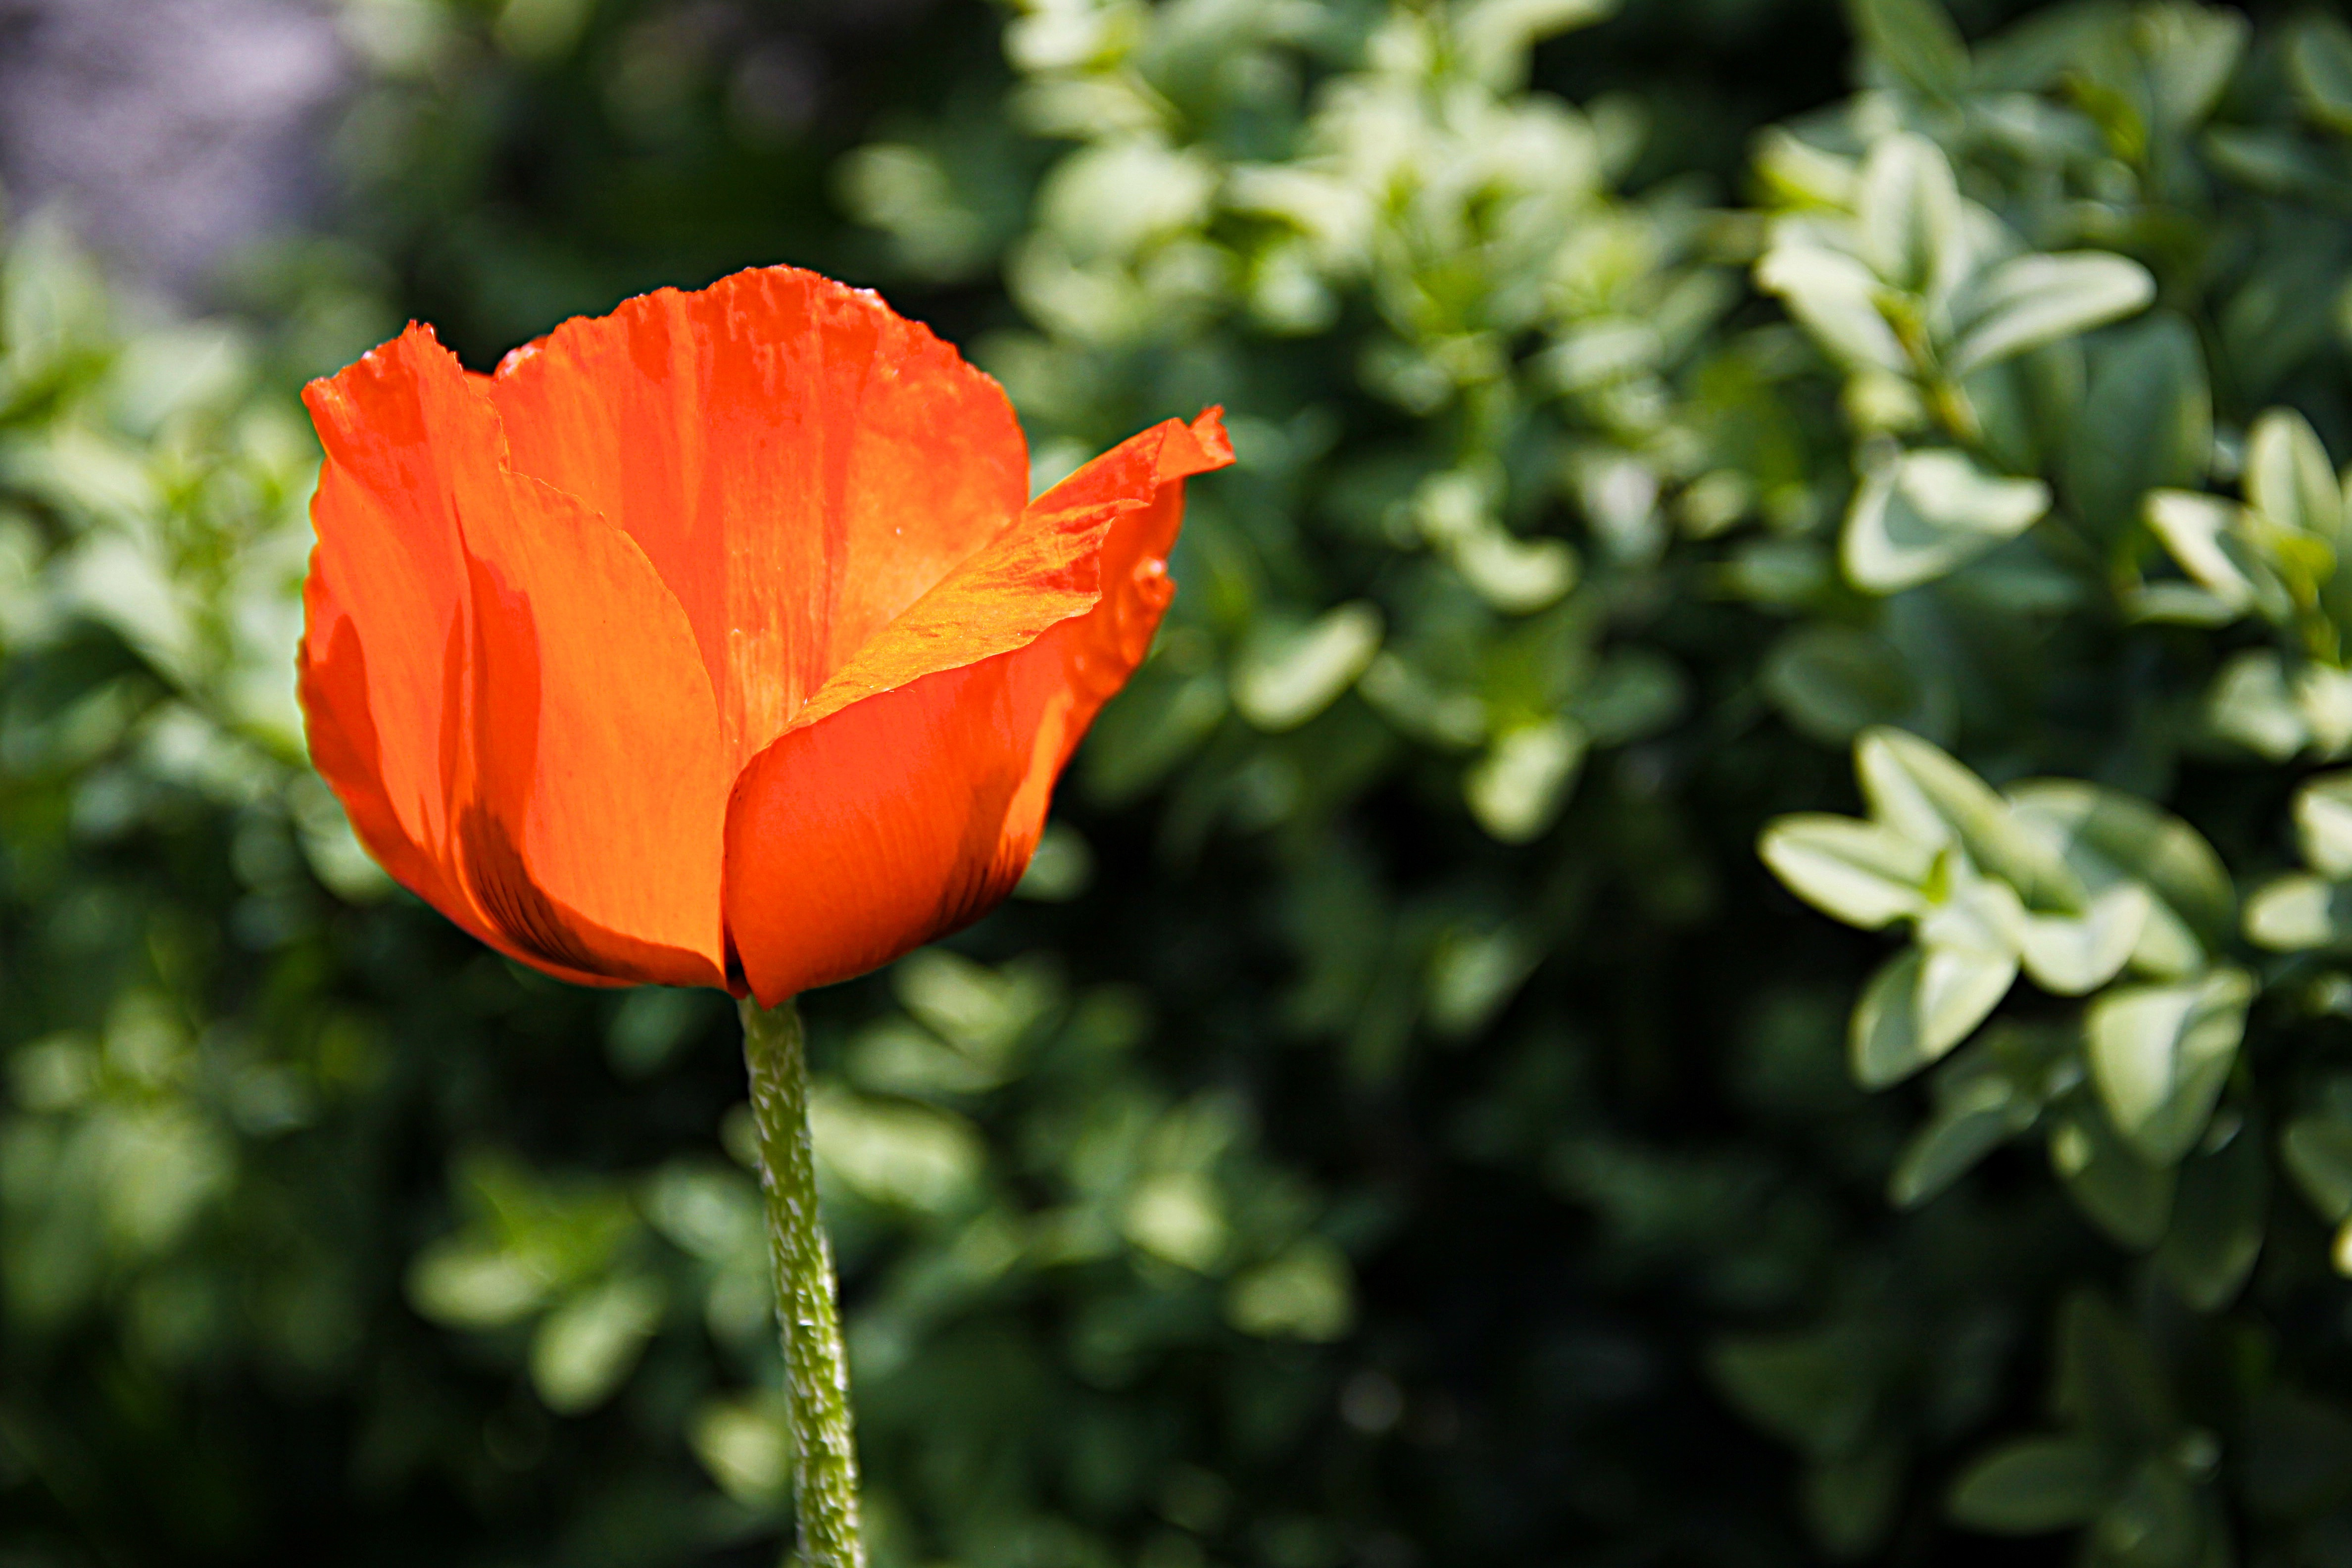 Blossom bloom poppy flower